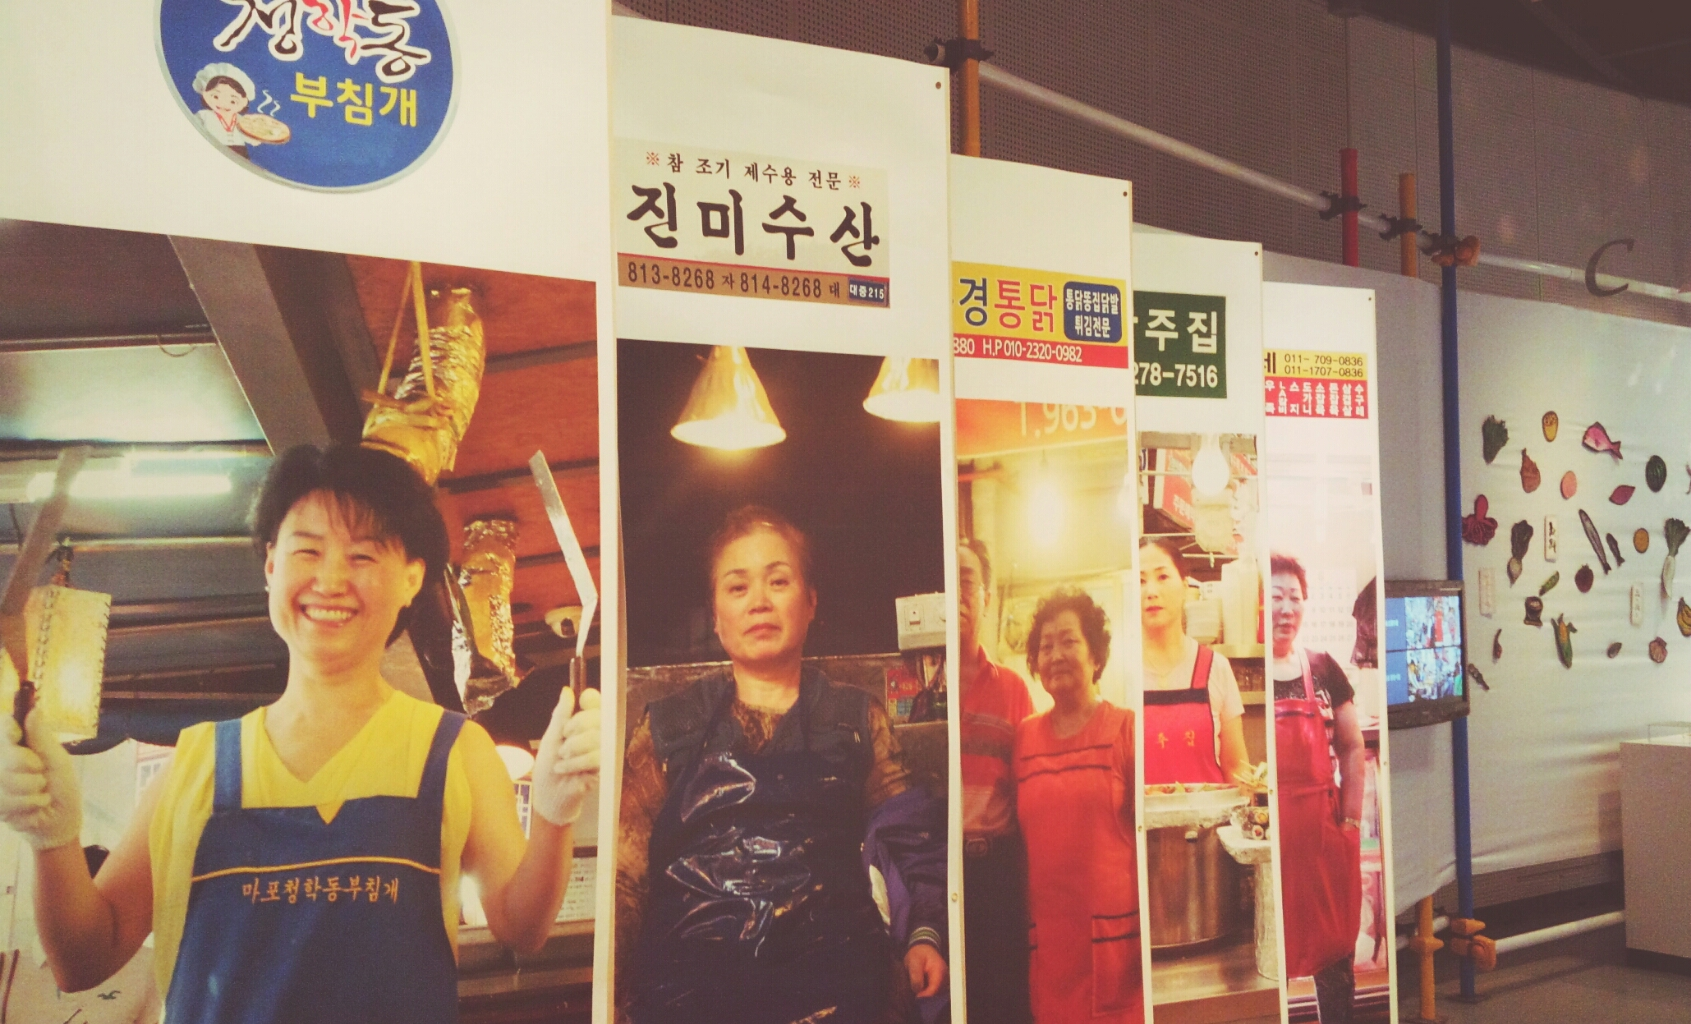 韓国のパネル